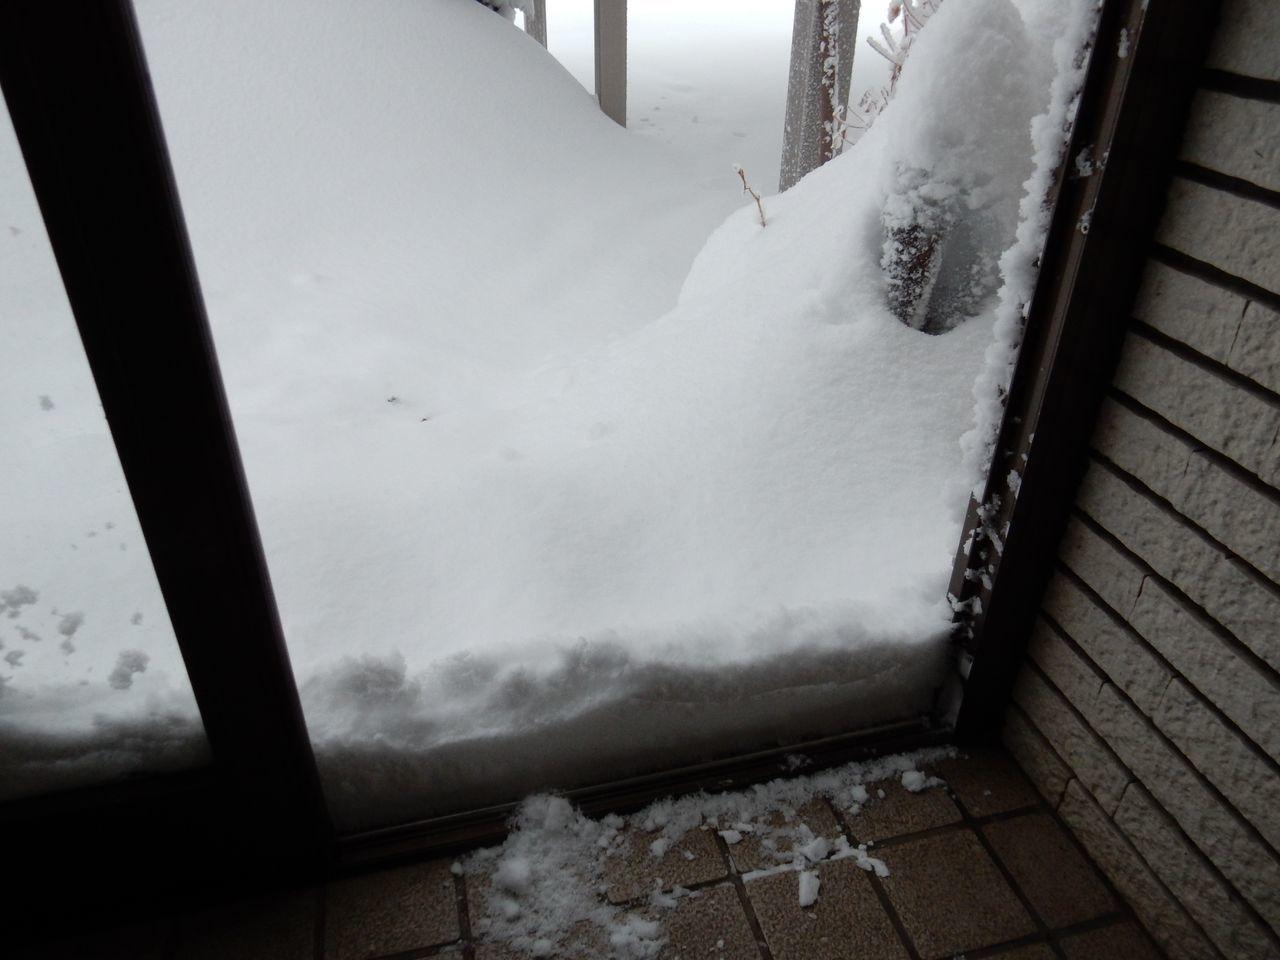 雪に埋まった_c0025115_21362576.jpg